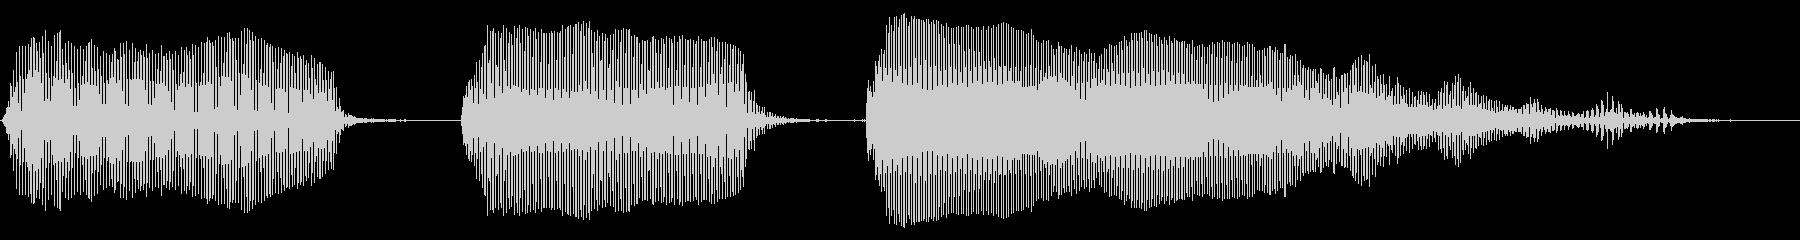 明るい トランペット フレーズ 上昇 の未再生の波形